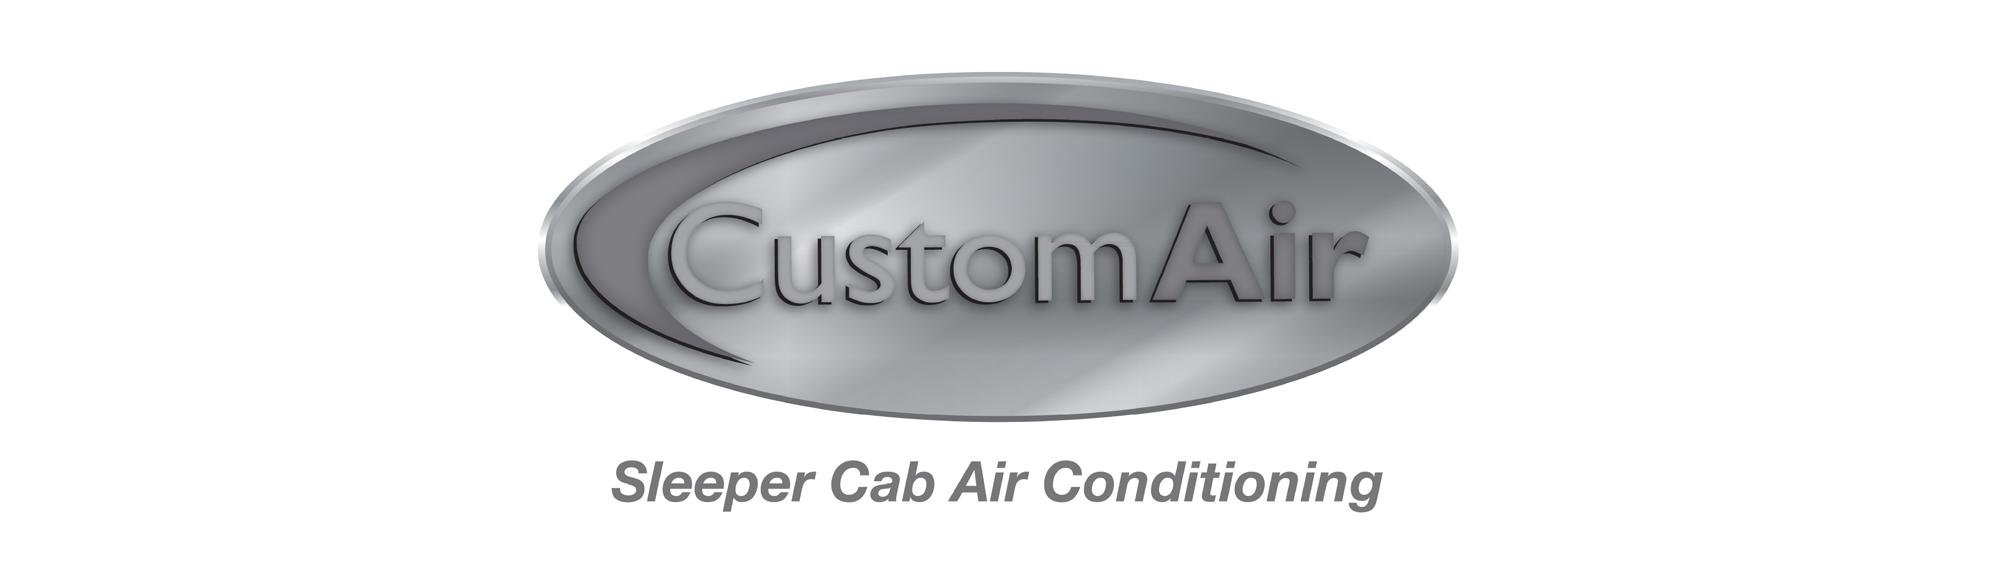 customair-logo-2017.png